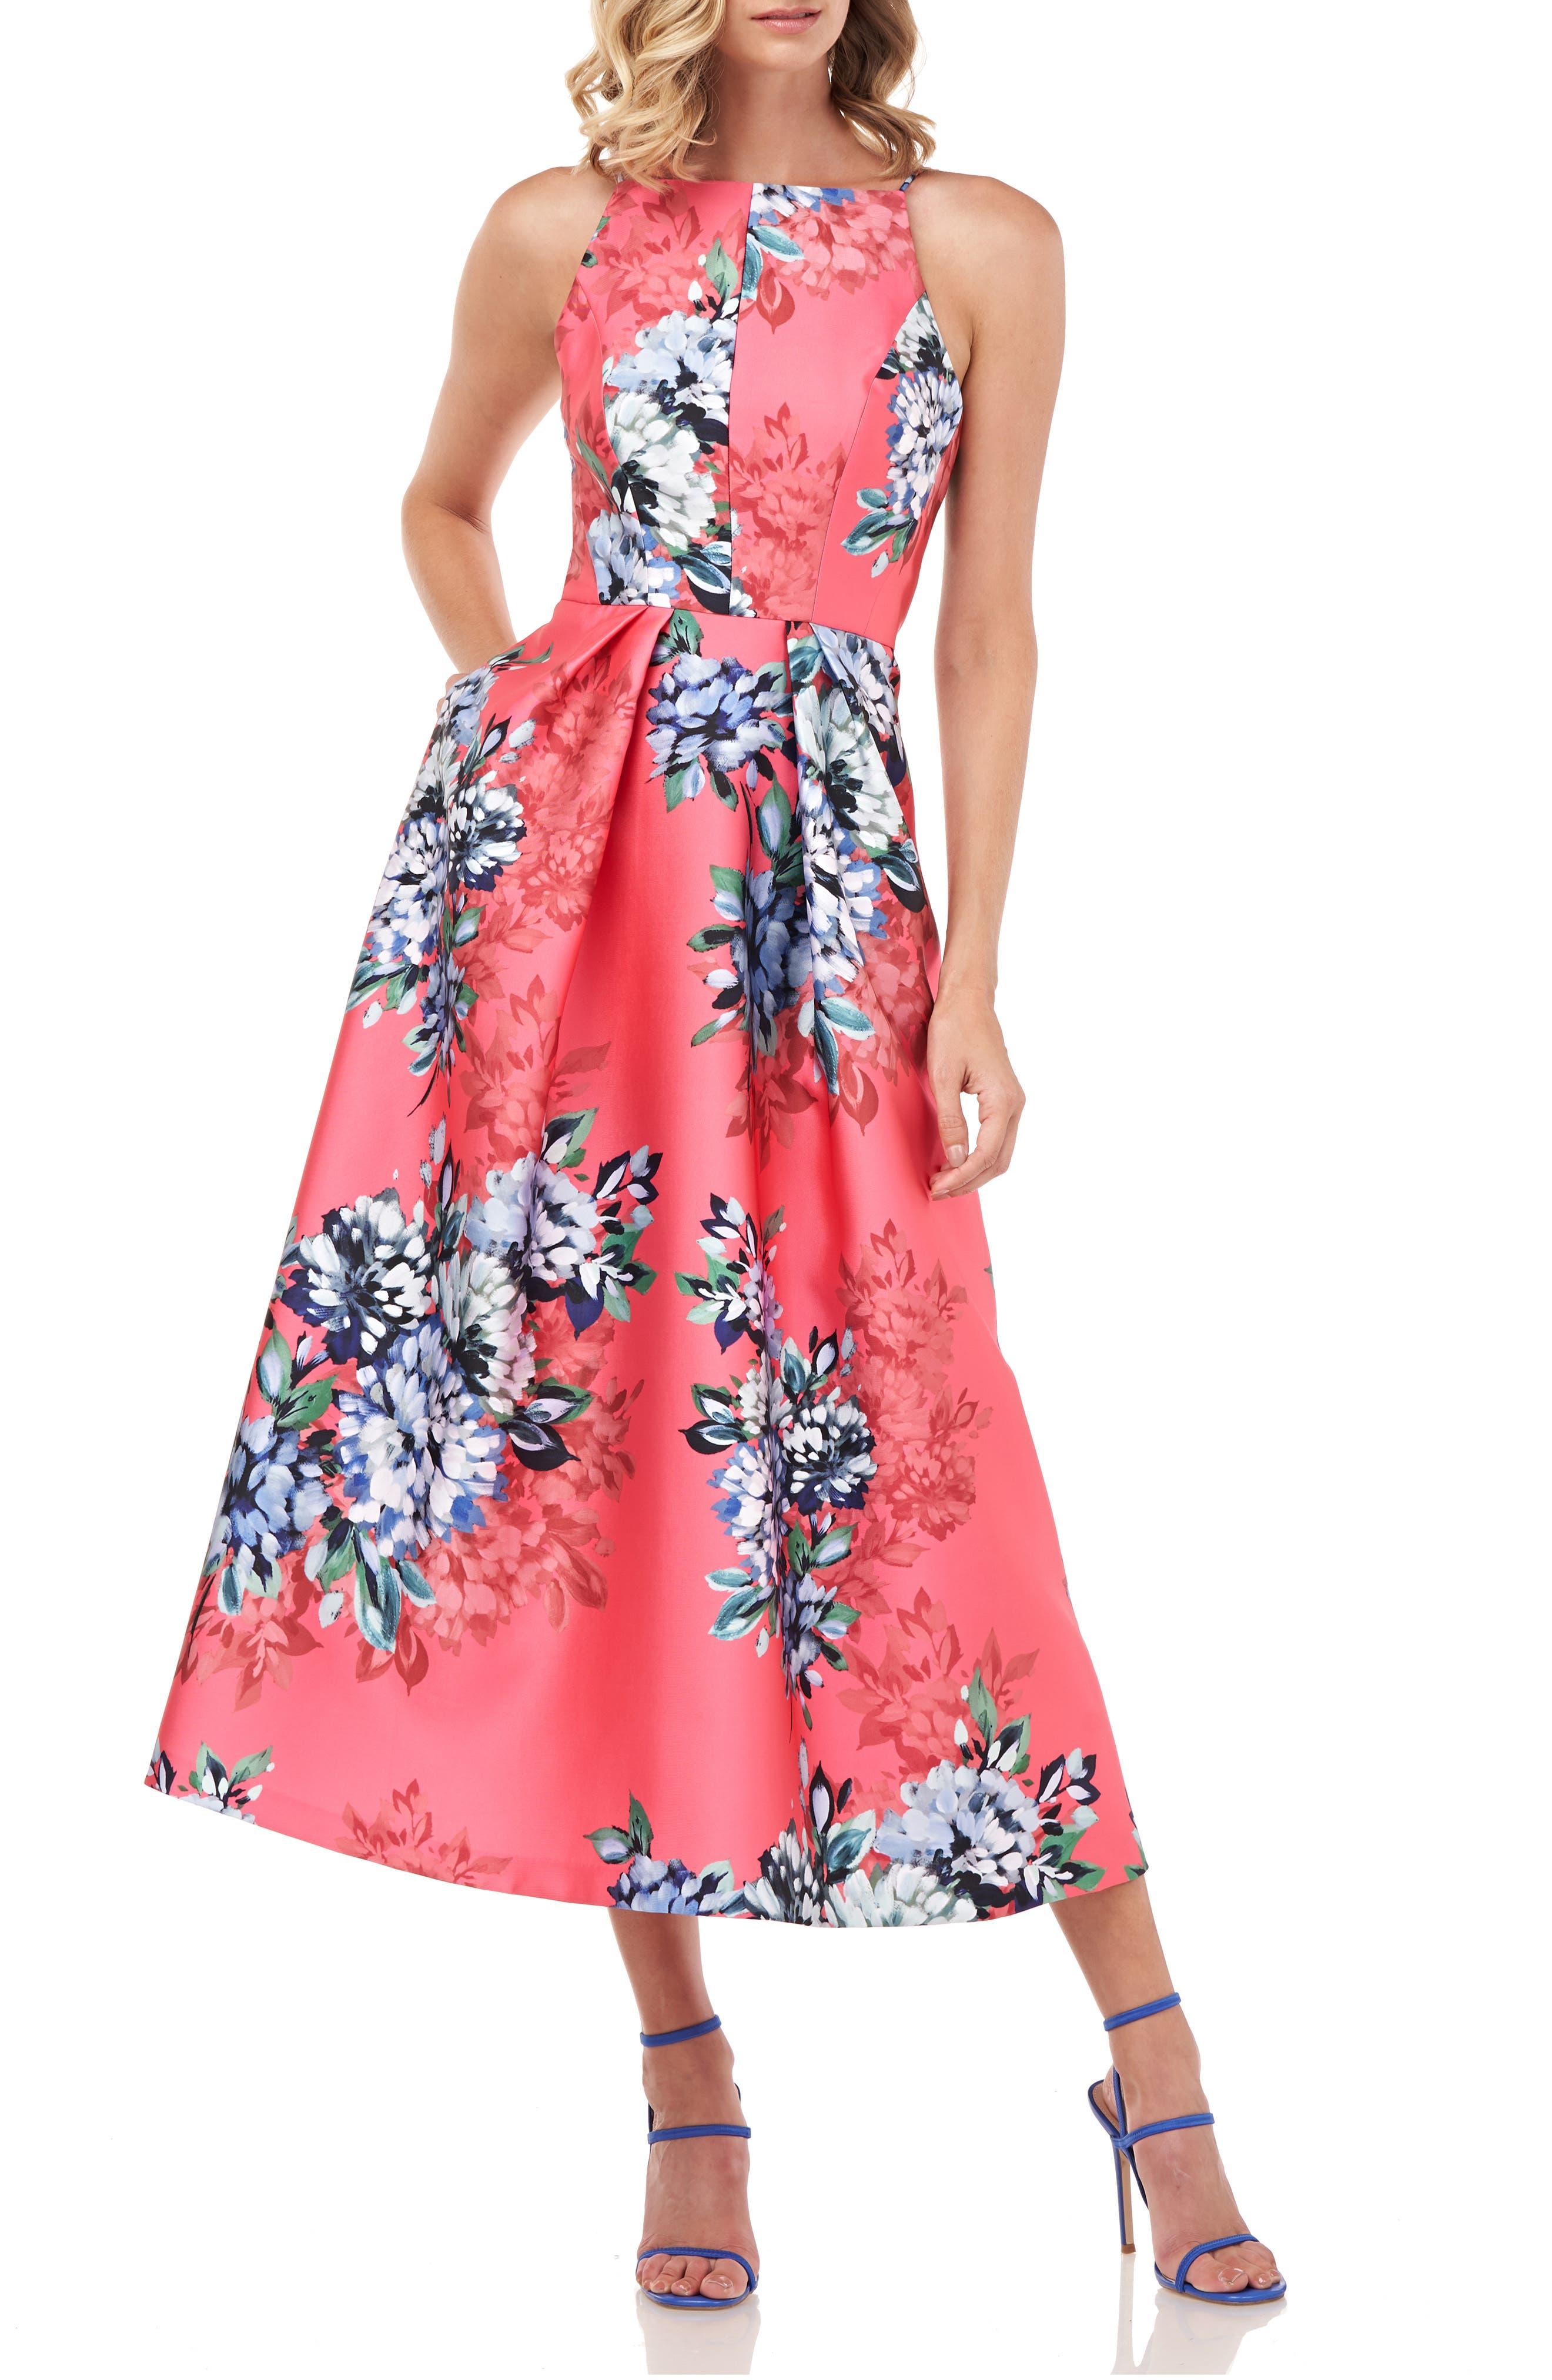 Madeline Floral Halter Neck Cocktail Dress